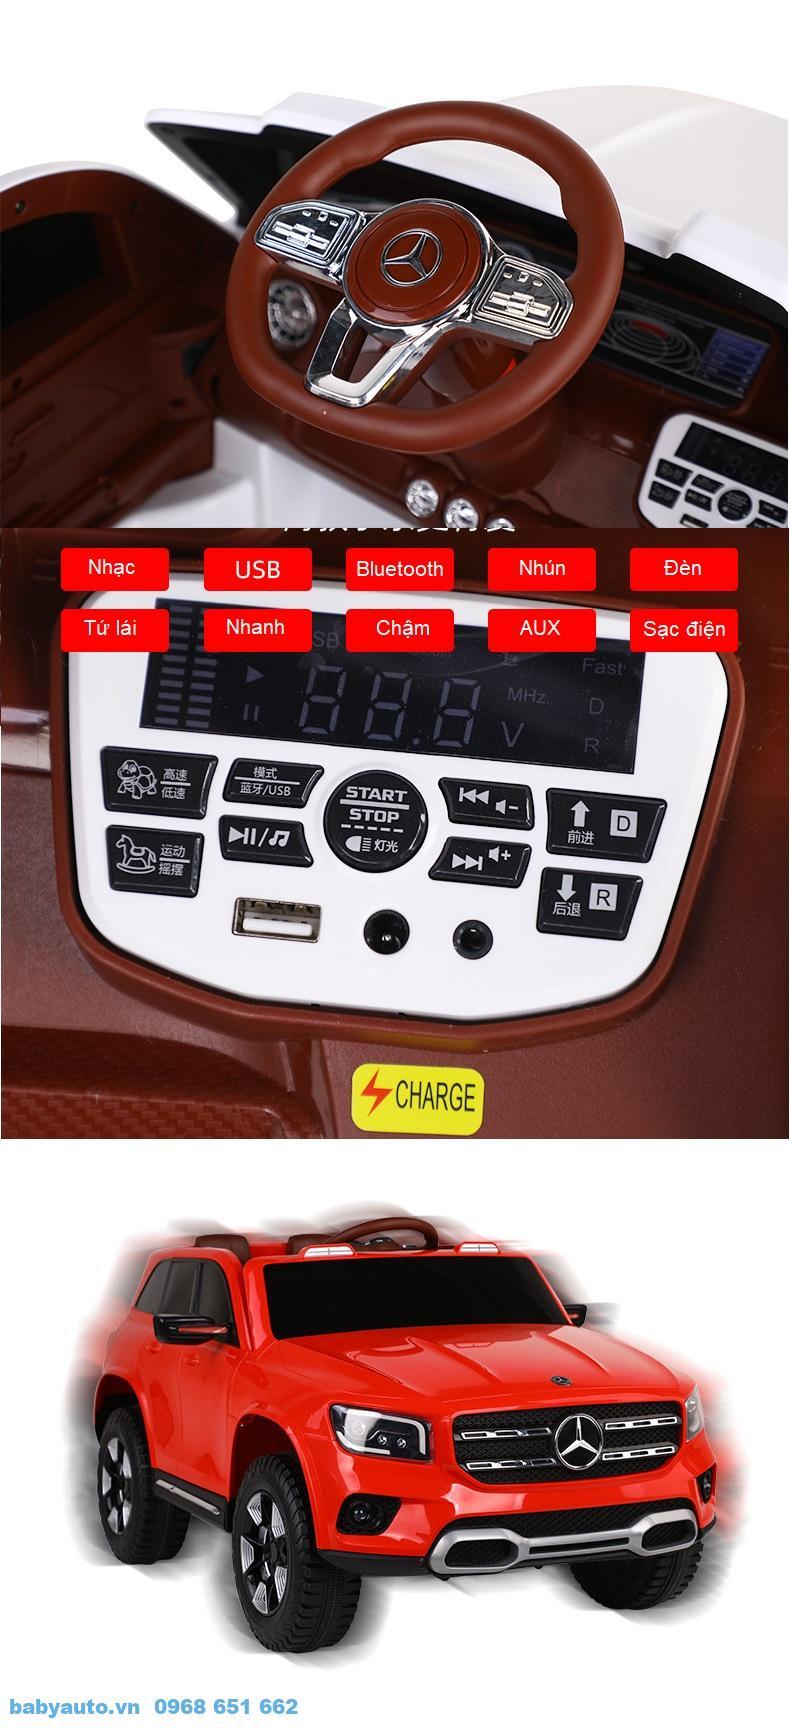 Bảng điều khiển các tiện ích trên xe như nhạc, chế độ di chuyển, chuyển các chế độ điều khiển, kết nối